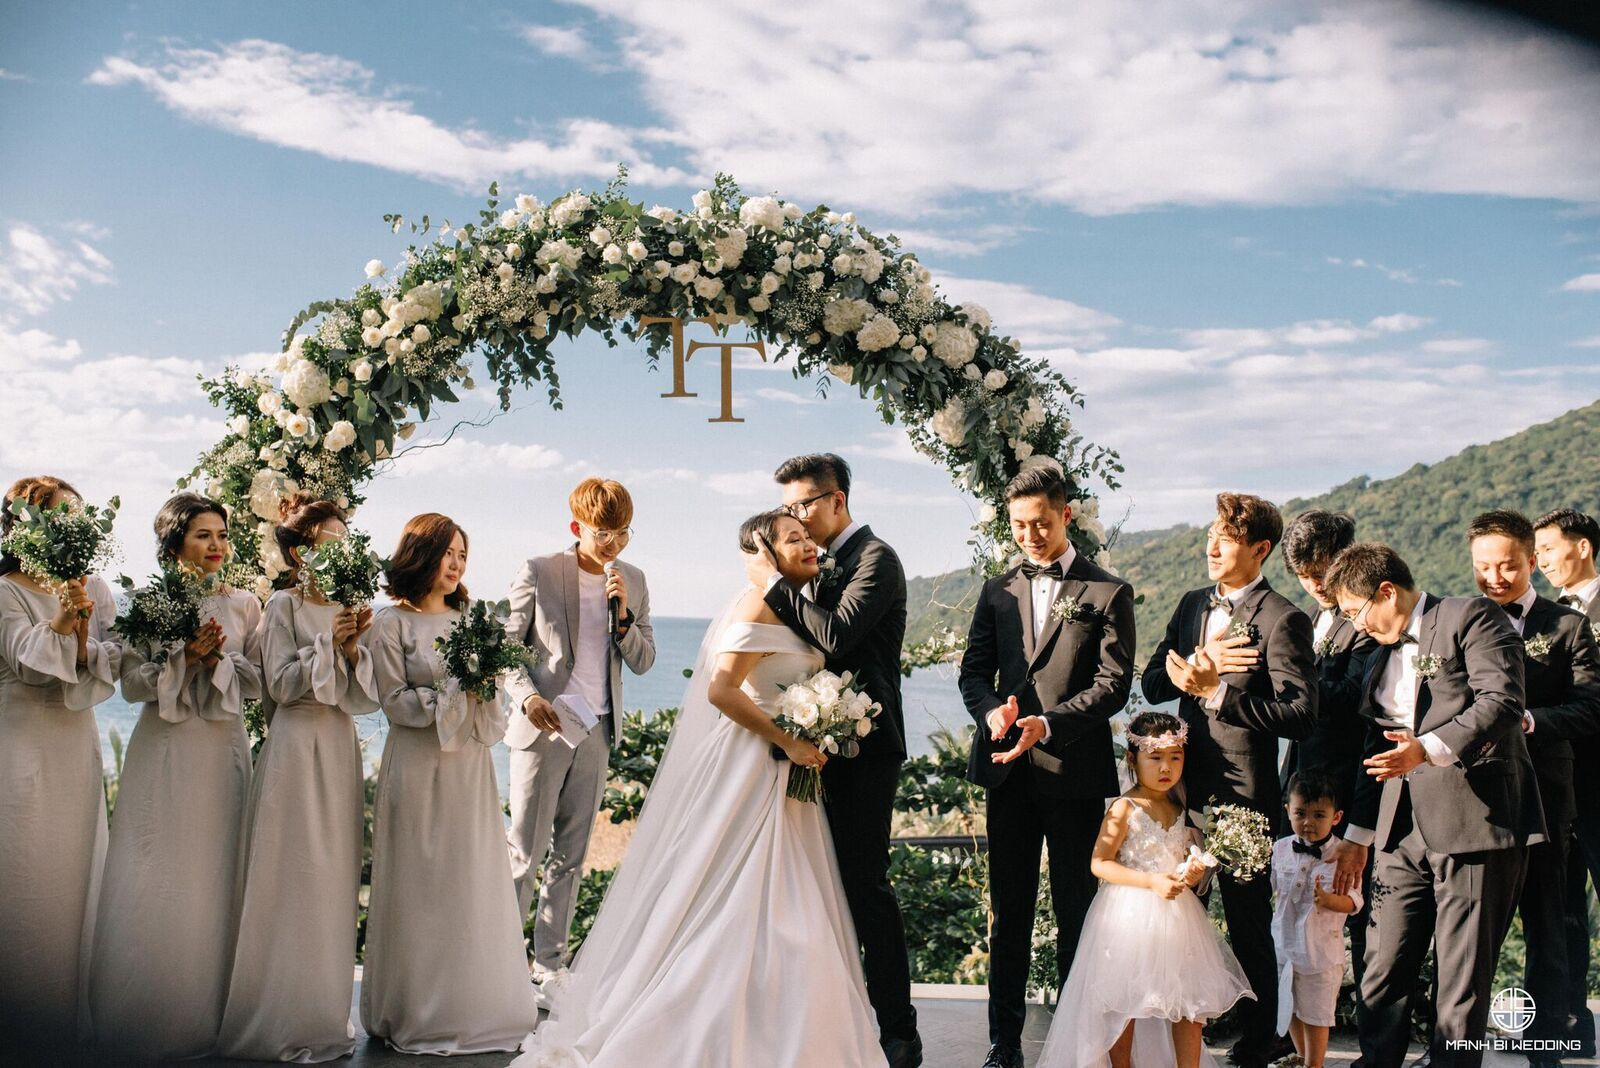 Nhà văn Gào chia sẻ nhiều thông tin thú vị về đám cưới như mơ ngay sau tiệc cưới hoành tráng trên bờ biển - Ảnh 14.